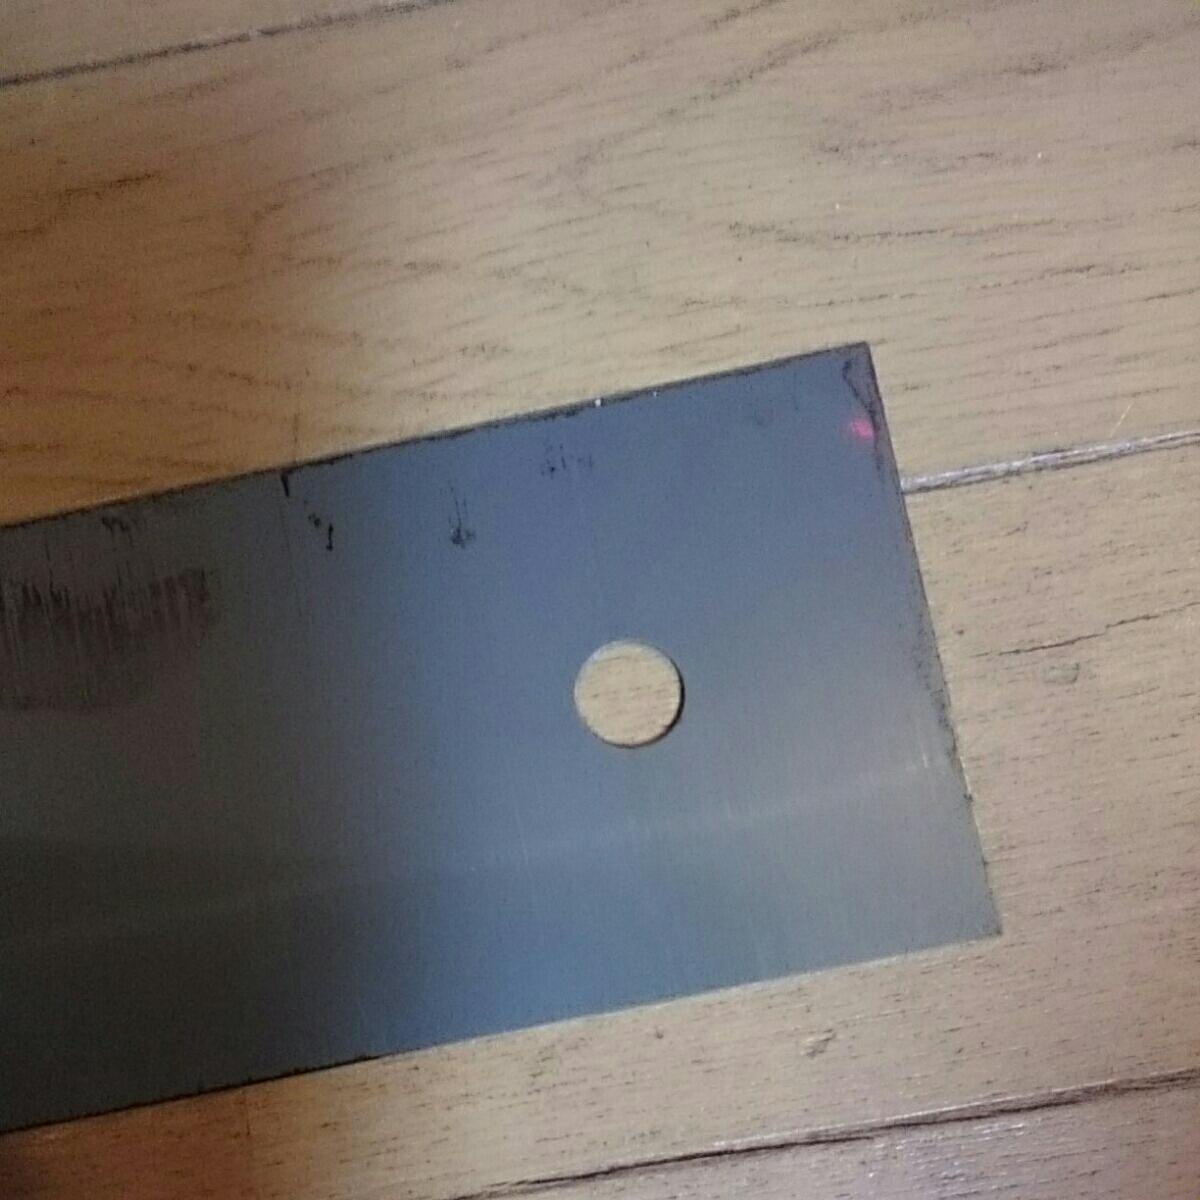 お値打ち鋼材 切板 平鋼 鋼板 鉄板 フラットバー 鉄 補強材 ストッパー 穴明き 薄板t0.5㎜ 長さ約235×75㎜ 新品 作業台 DlY等々に_画像7